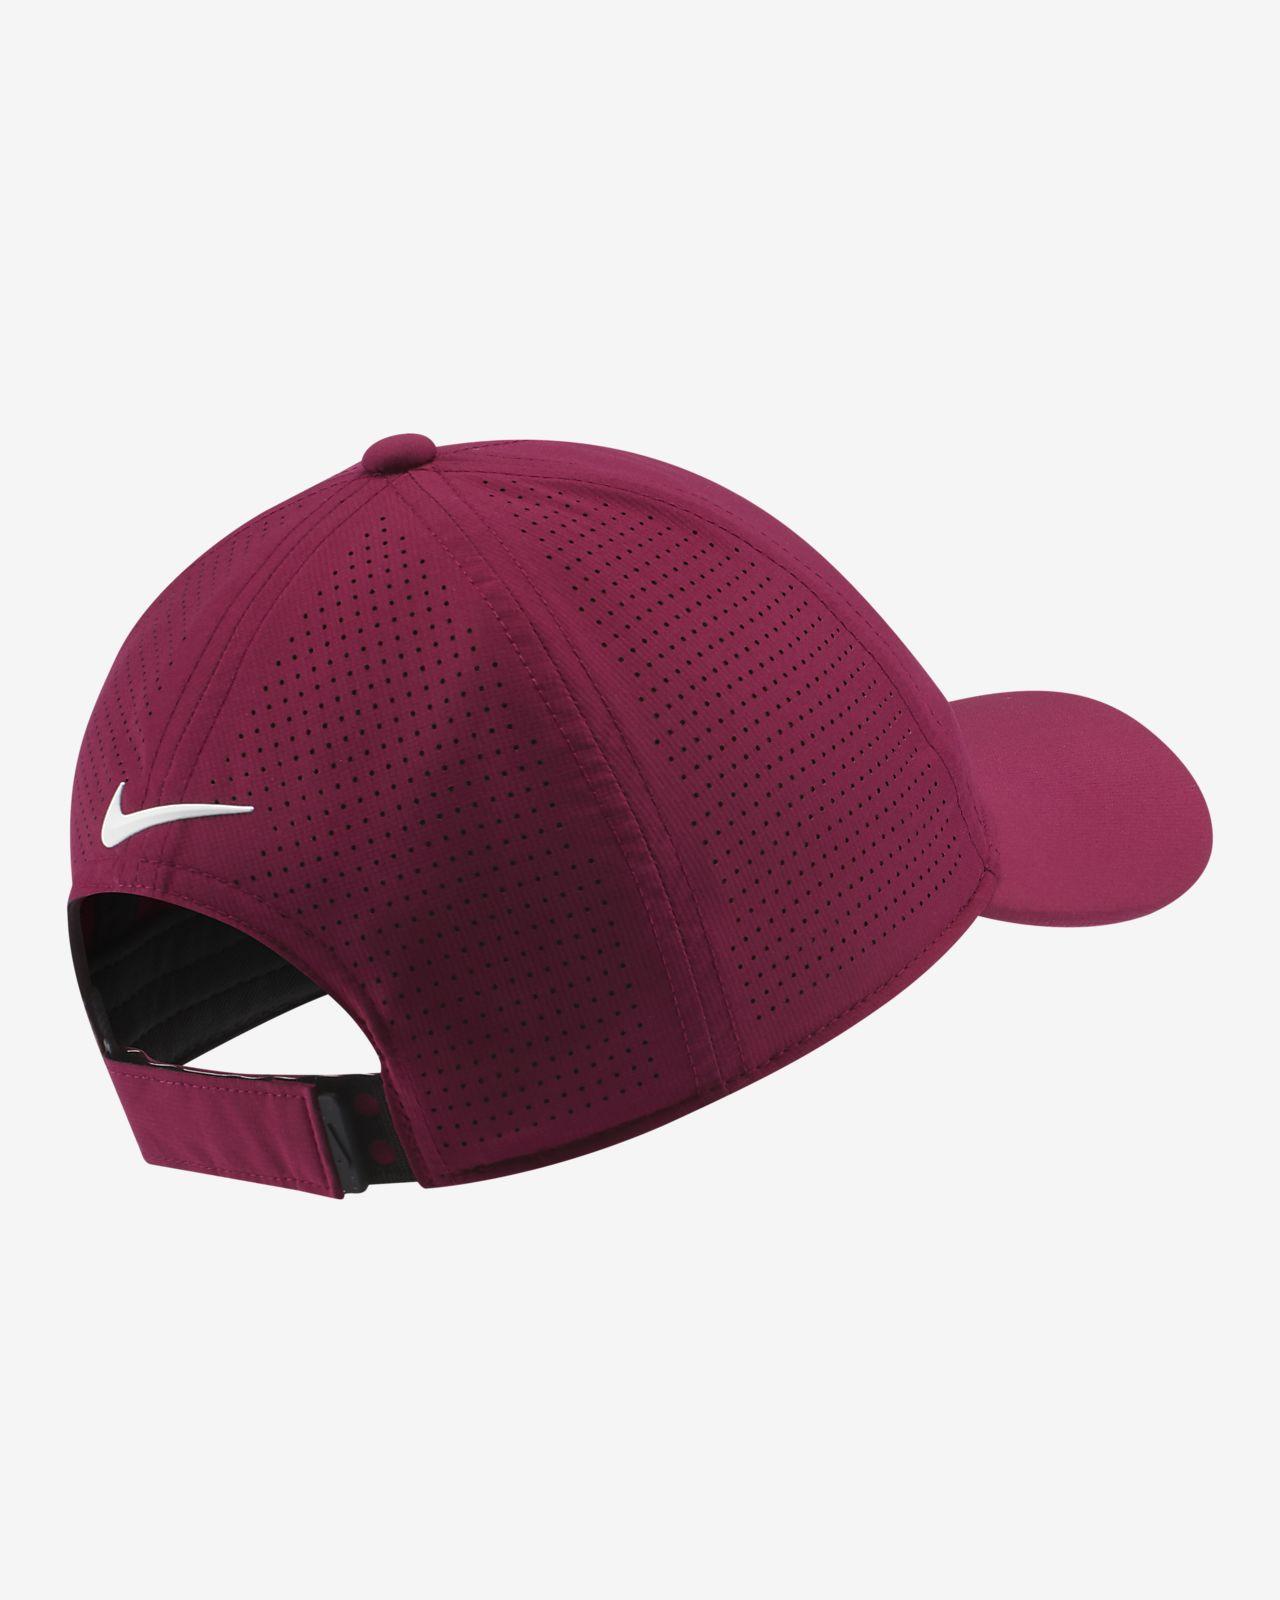 94460cea2bd78 Nike AeroBill Legacy91 Women s Golf Hat. Nike.com